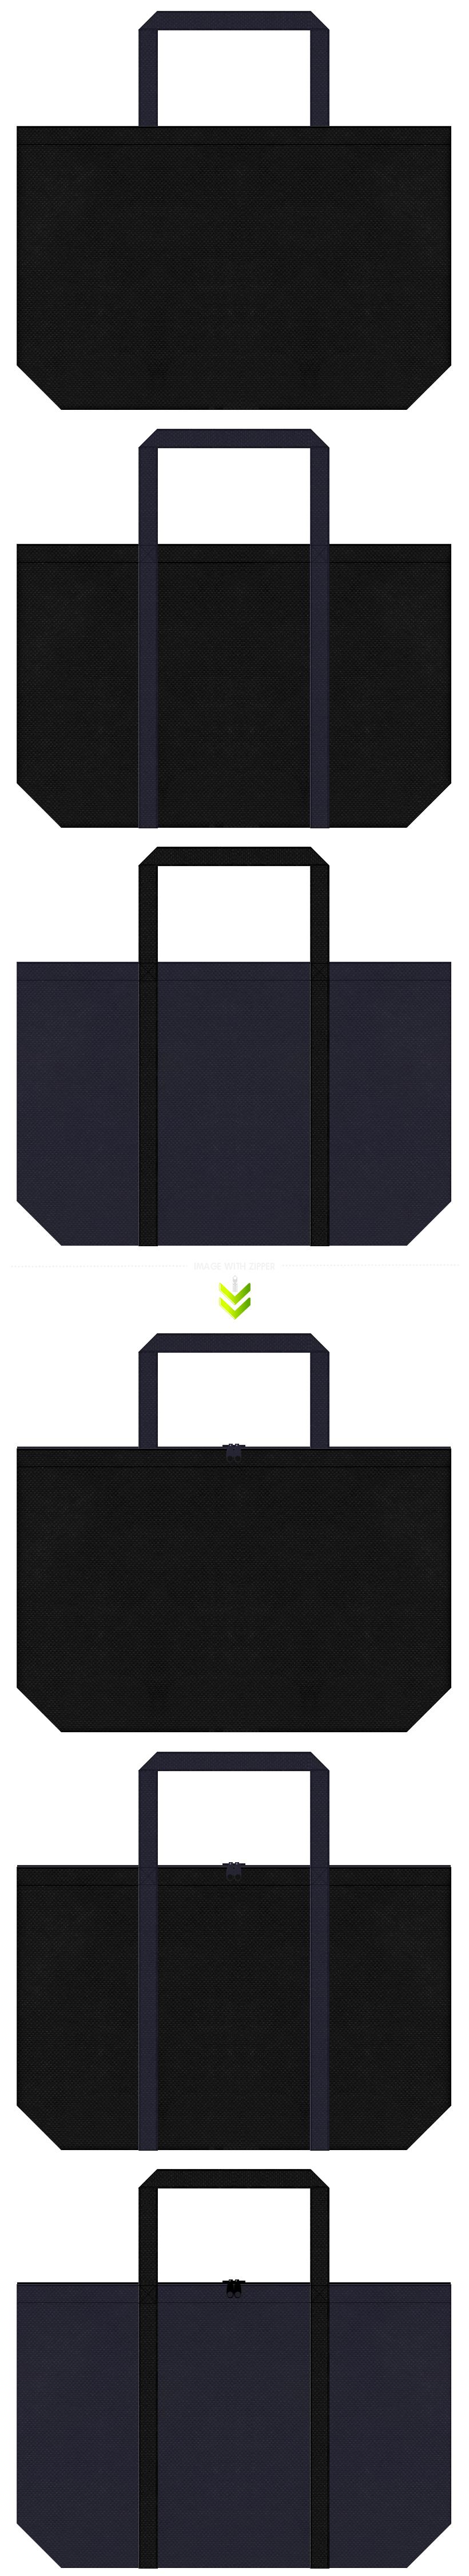 黒色と濃紺色の不織布エコバッグのデザイン。深海・宇宙・ホラーイメージにお奨めです。